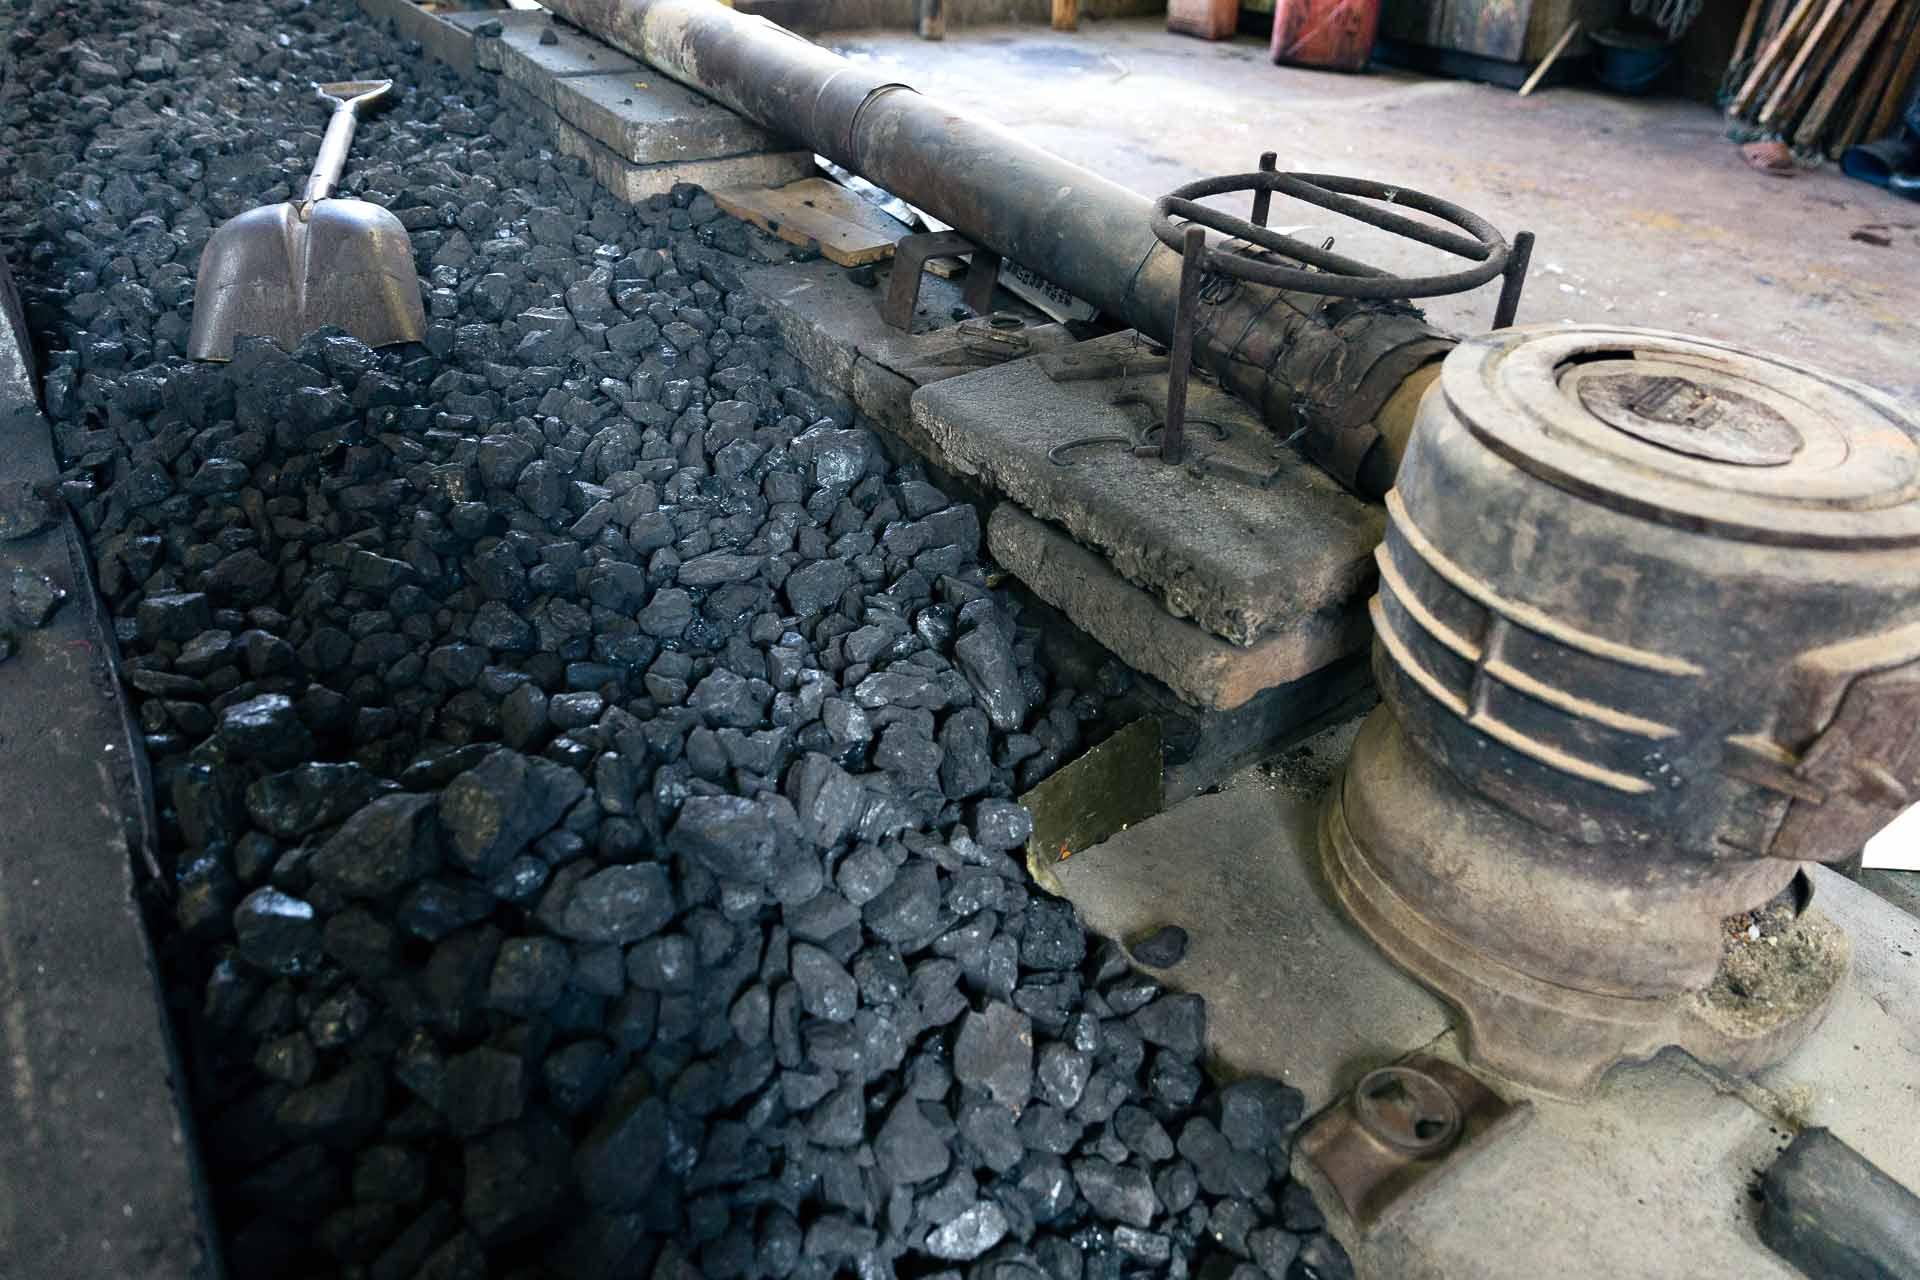 ストーブ燃料の石炭がたくさん